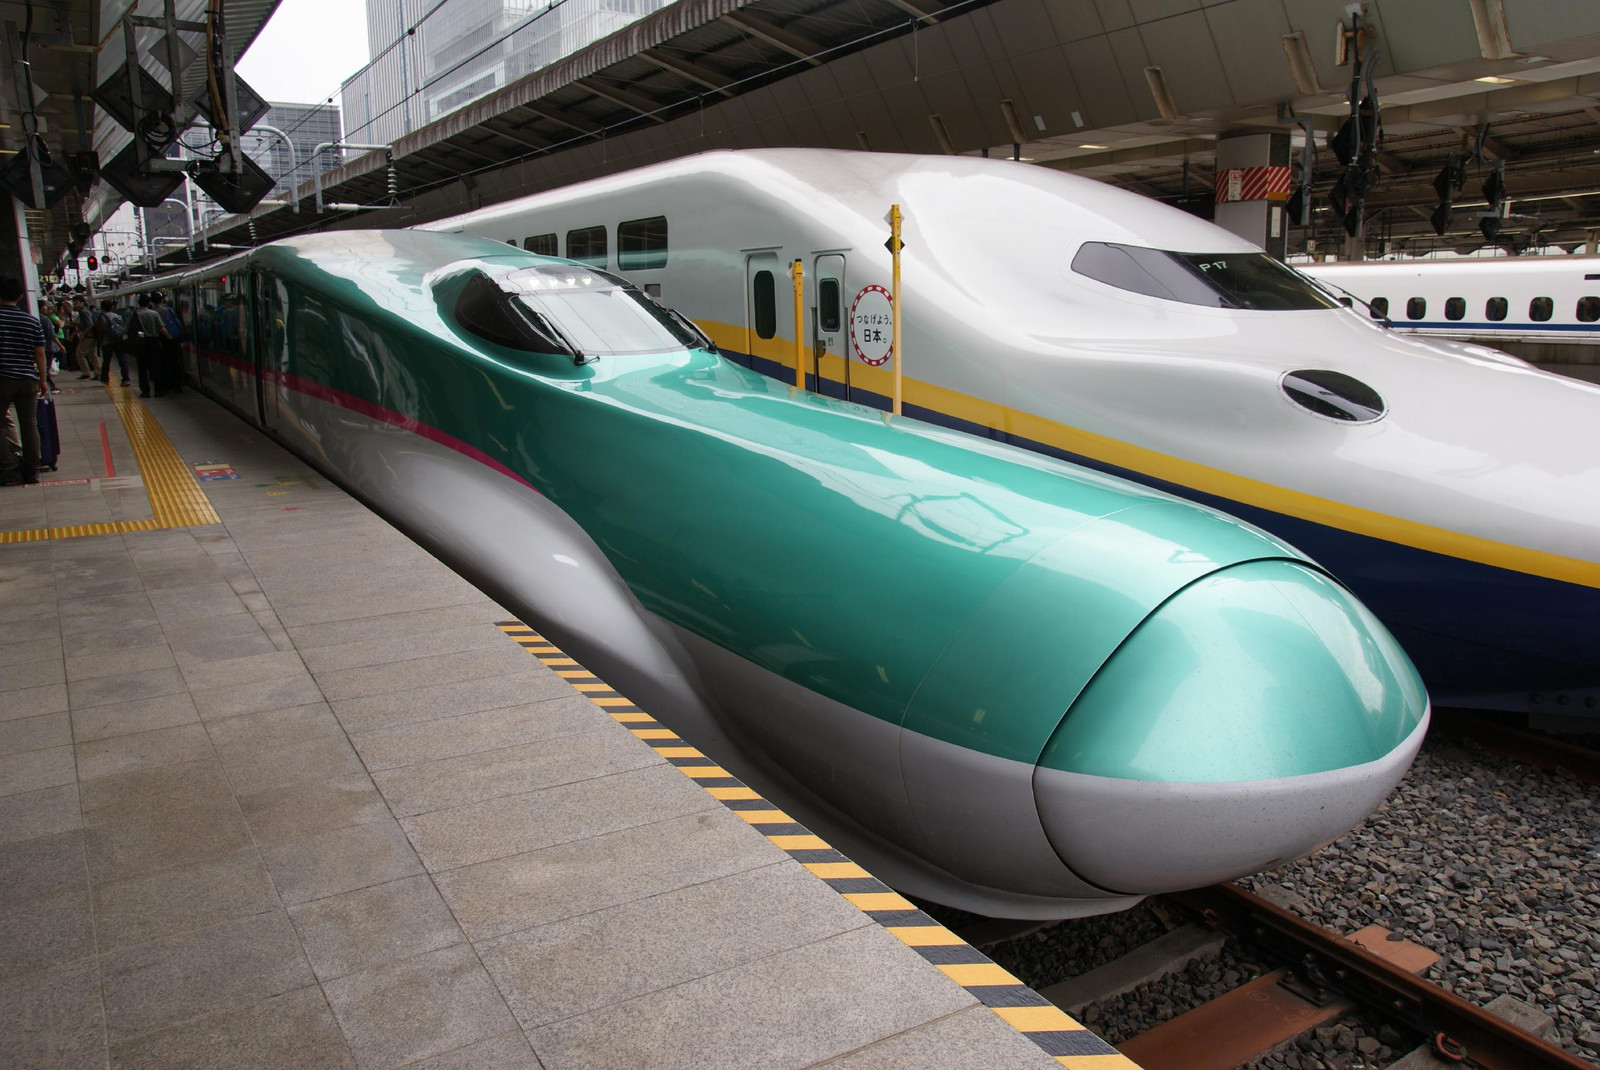 世界の高速列車(13)日本の新幹線(E5系): 旅先に媚びない紀行文